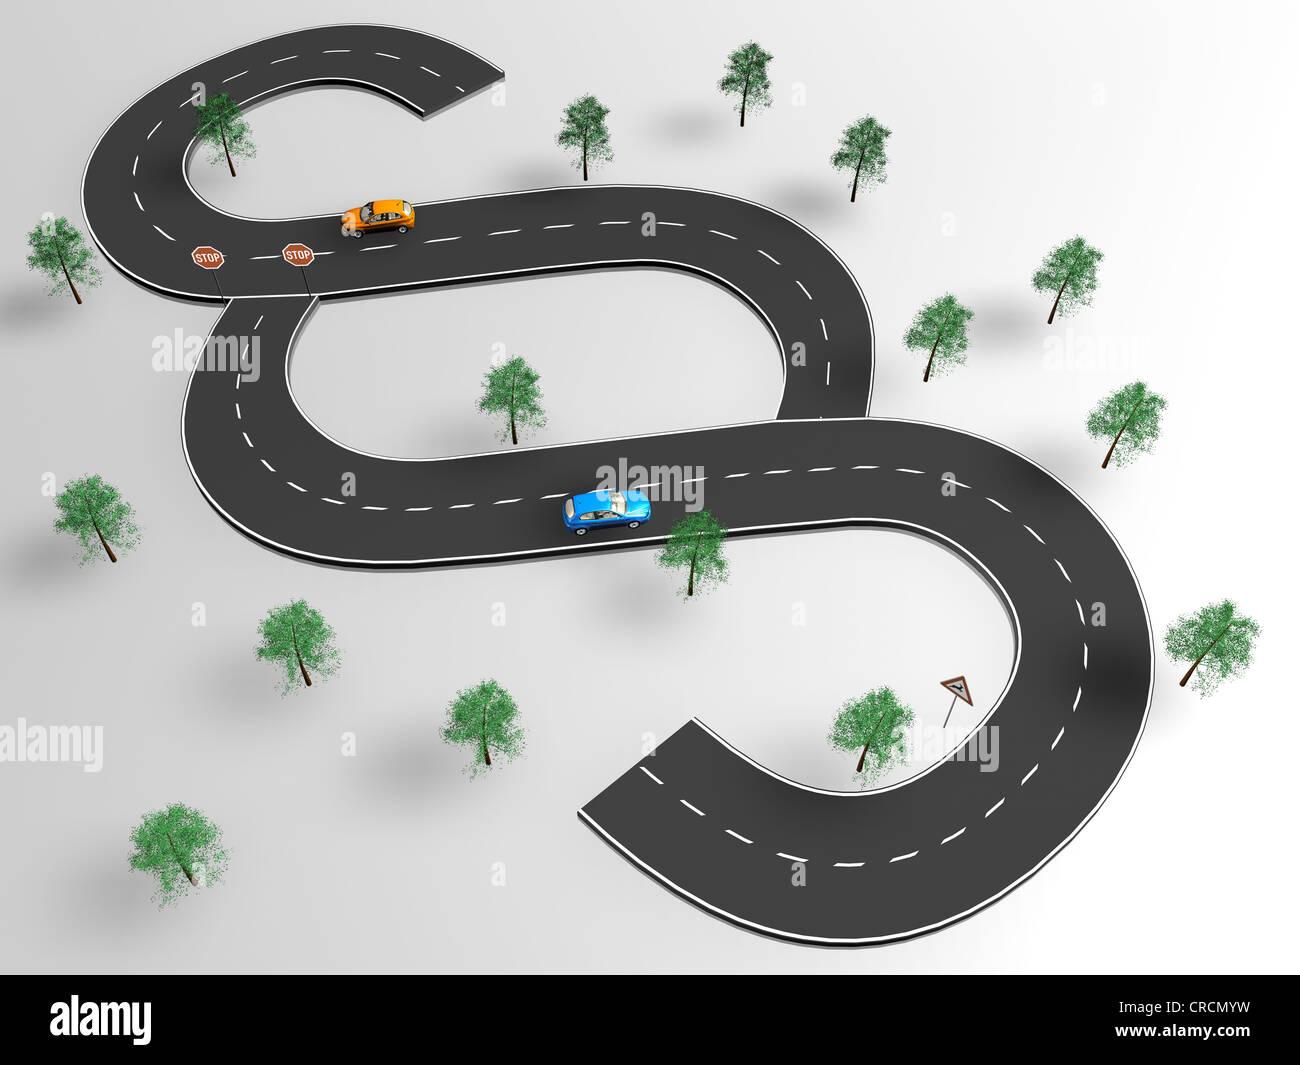 Les voitures sur une route, en forme de l'article signe, illustration, image symbolique pour le droit de la circulation routière Banque D'Images